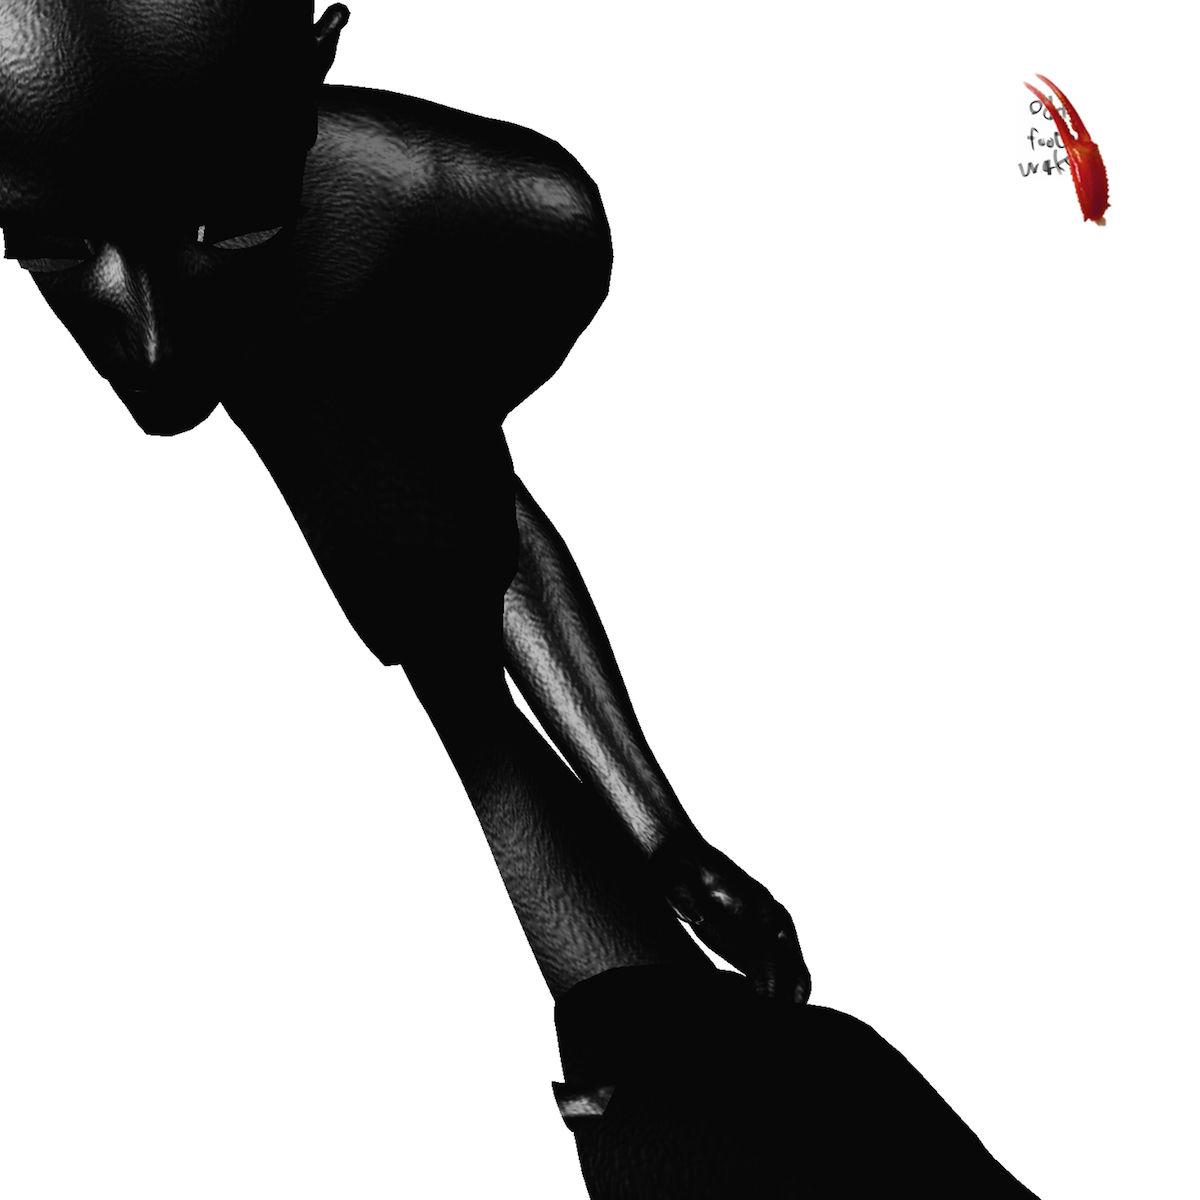 踊Foot Worksが1st フルアルバム『odd foot works』をリリース決定!ミックスエンジニアには鬼才Giorgio Givvn! music0305-oddfootworks-2-1200x1200